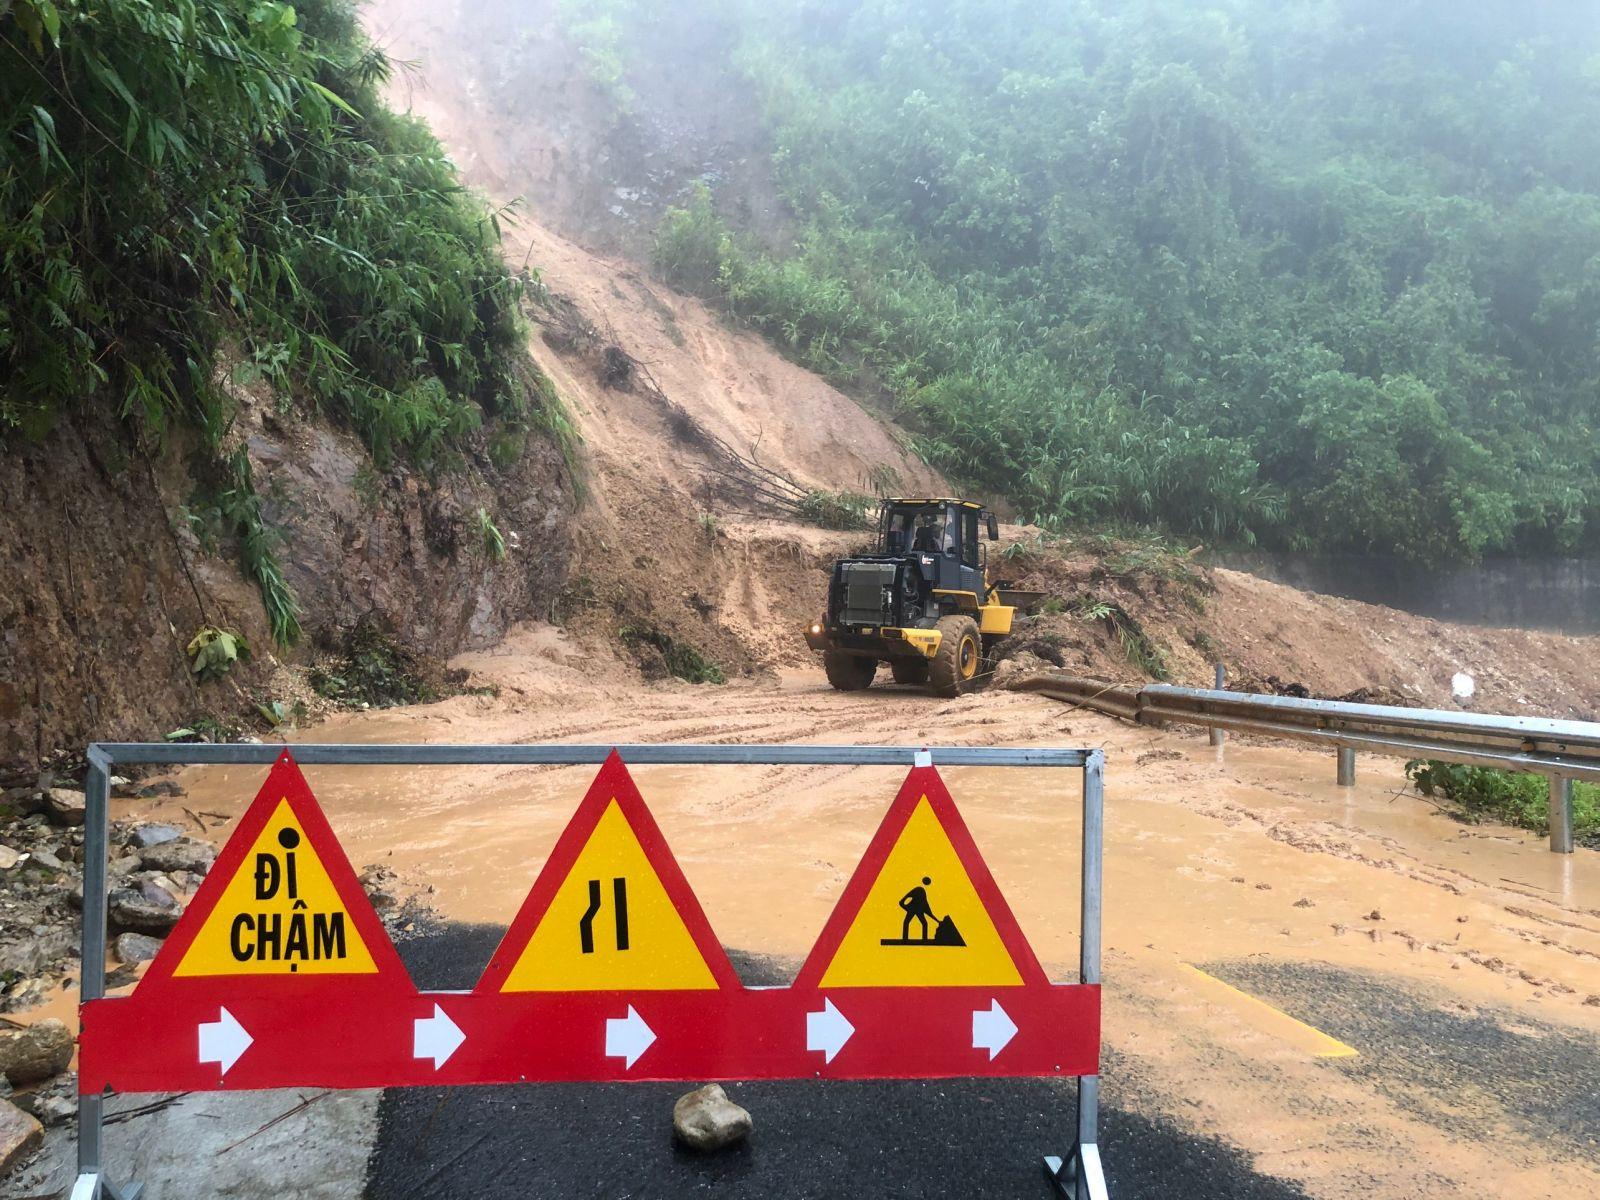 Trước diễn biến bất lợi của thời tiết, sáng 8/10, toàn bộ học sinh các cấp trên địa bàn tỉnh Thừa Thiên – Huế phải nghỉ học.